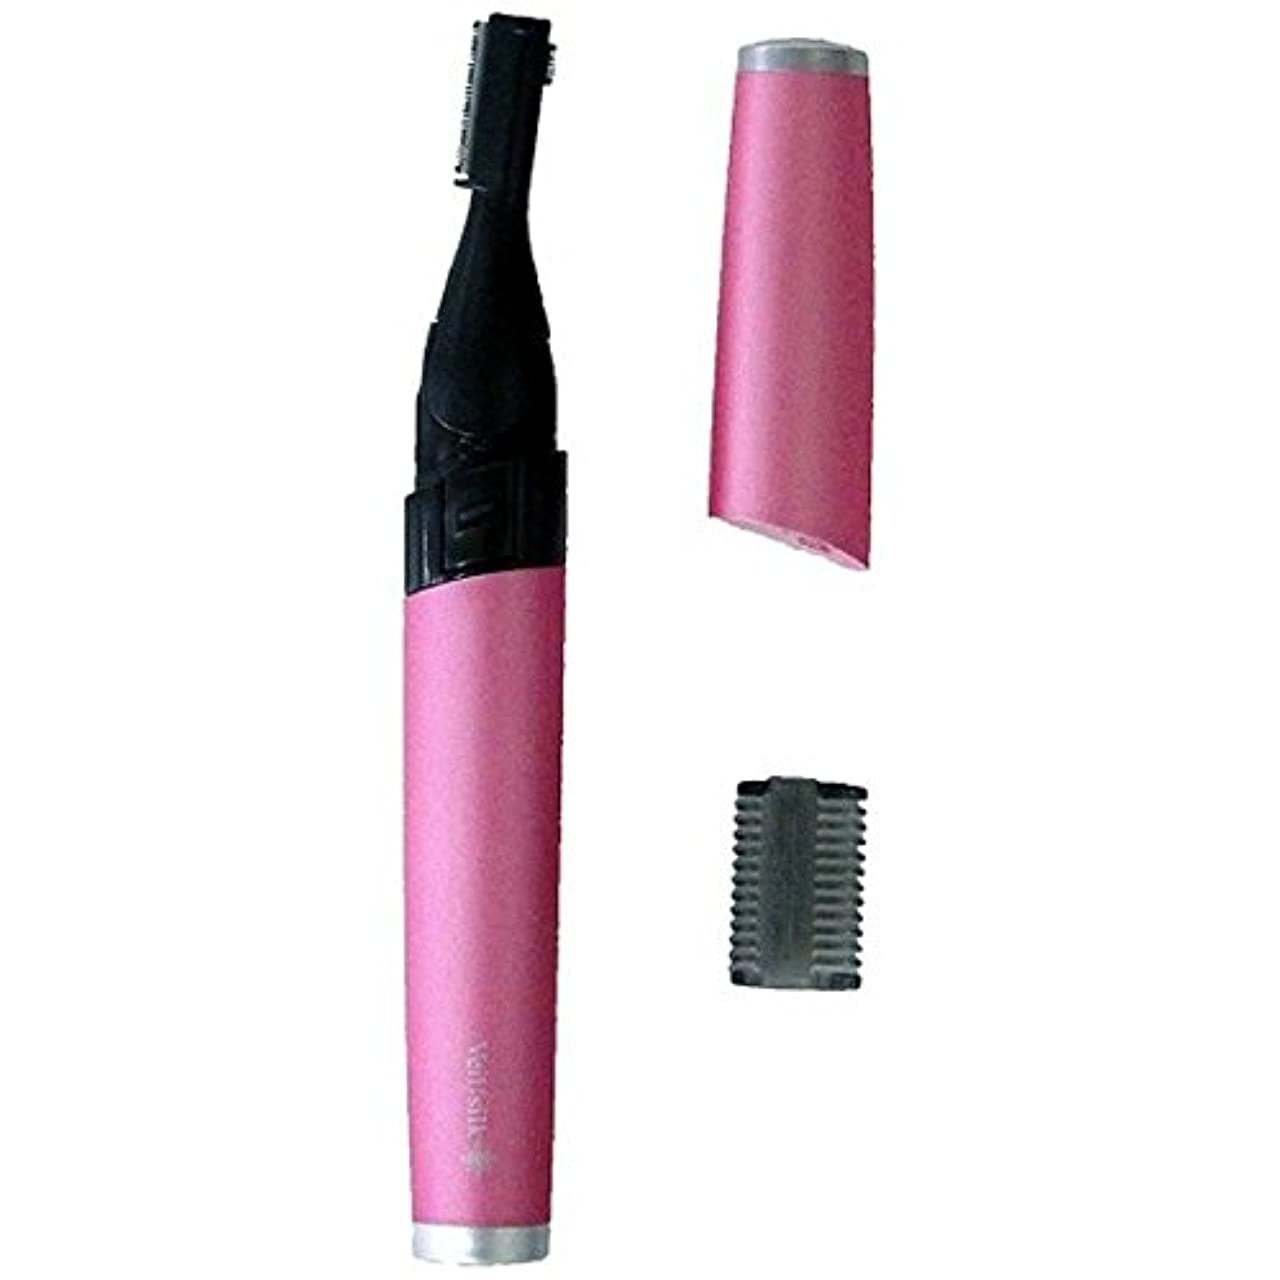 文優先権後継イズミ フェイスシェーバー (ピンク)IZUMI Veil:silk(ヴェルシルク) GR-AF127-P